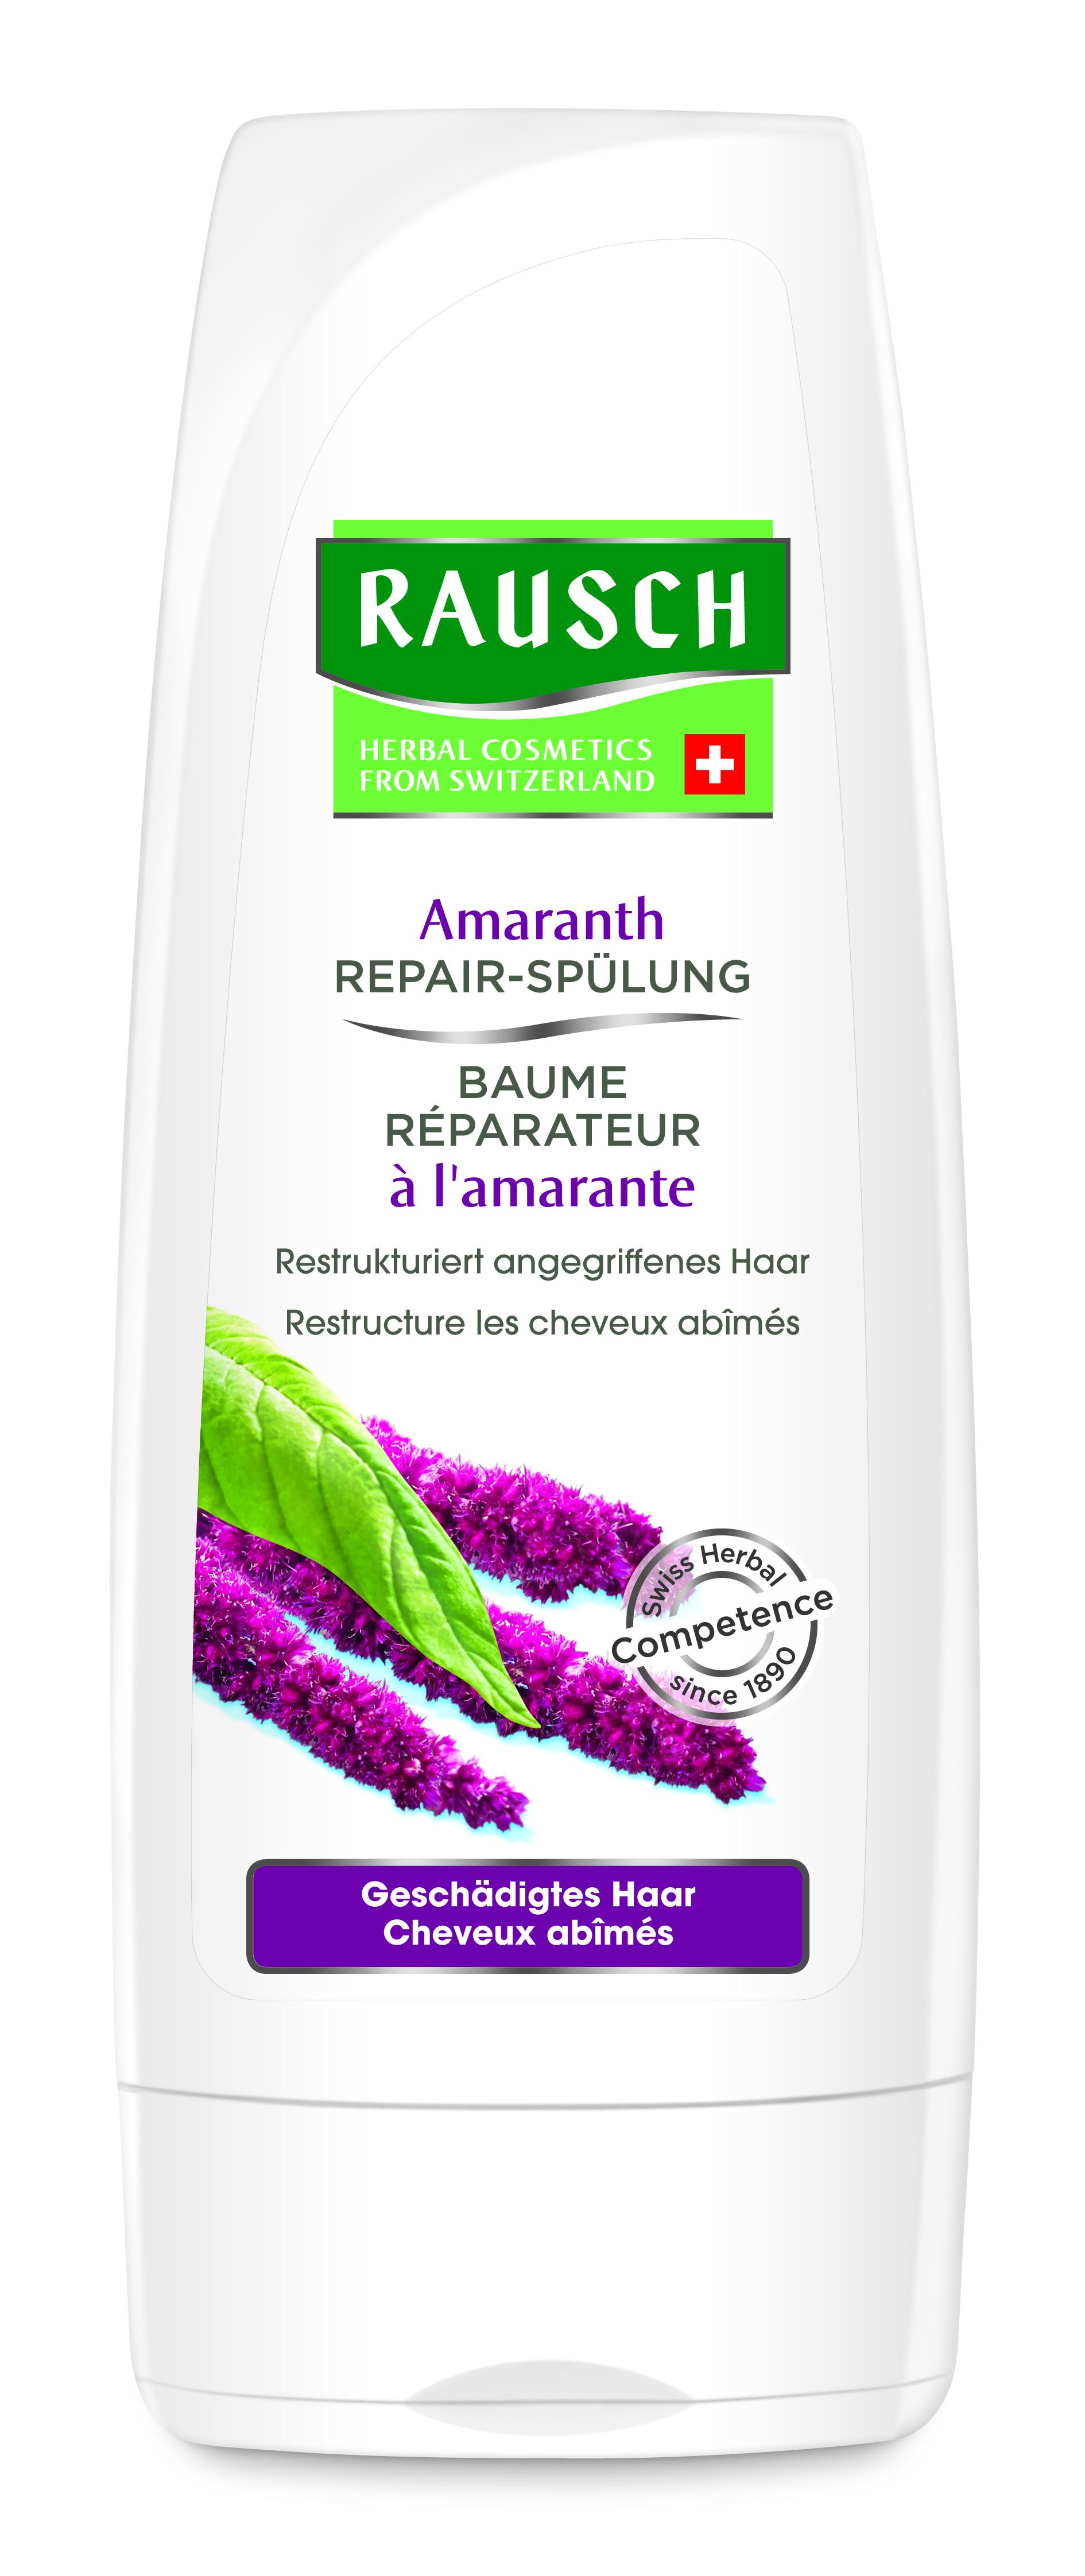 Rausch Amaranth Repair-Spülung